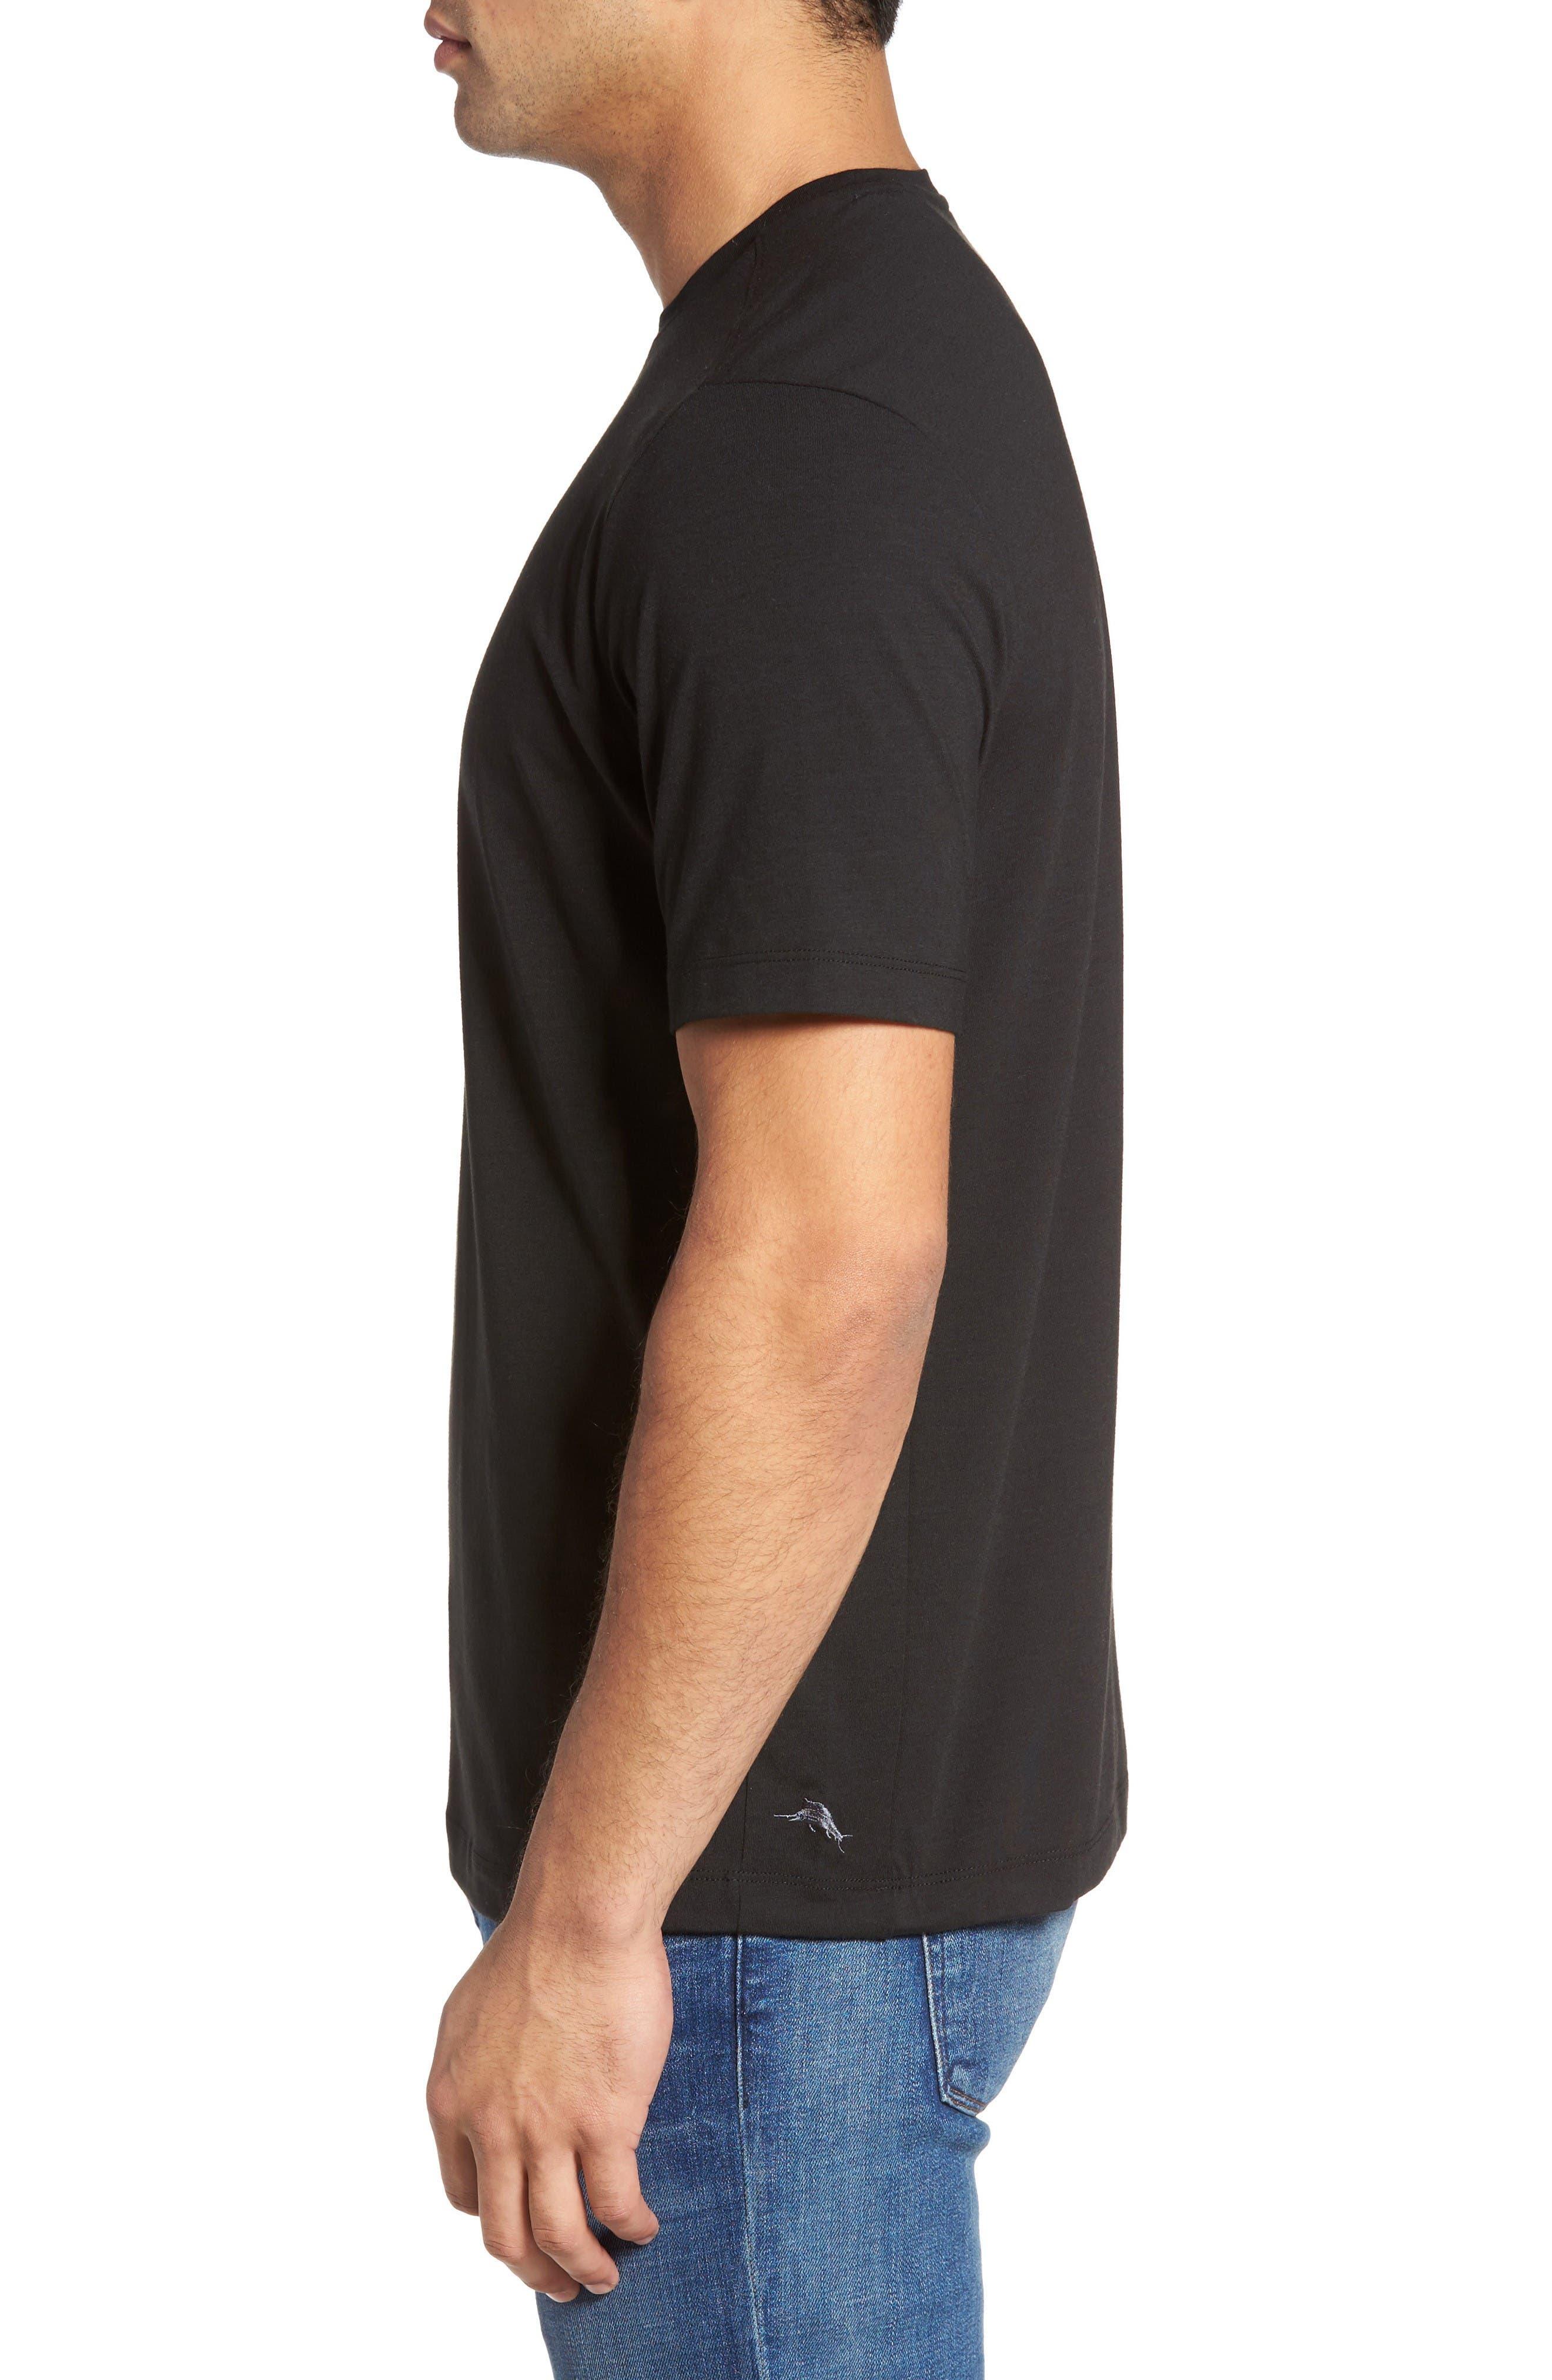 Tropicool T-Shirt,                             Alternate thumbnail 3, color,                             Black